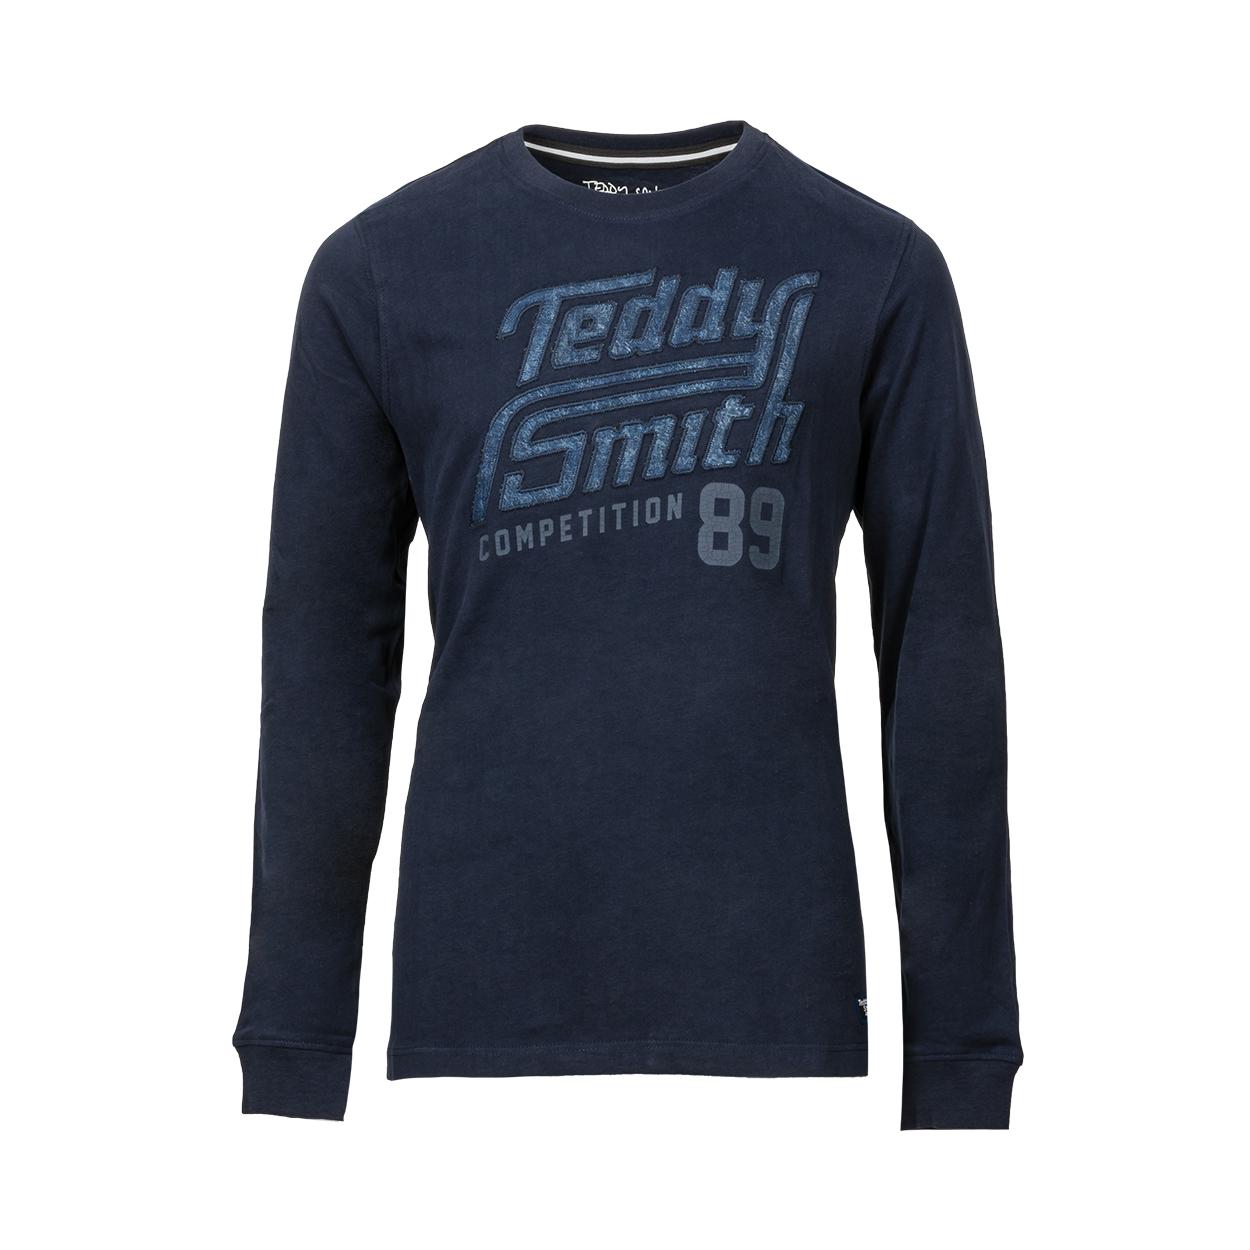 Tee-shirt manches longues  en coton bleu nuit